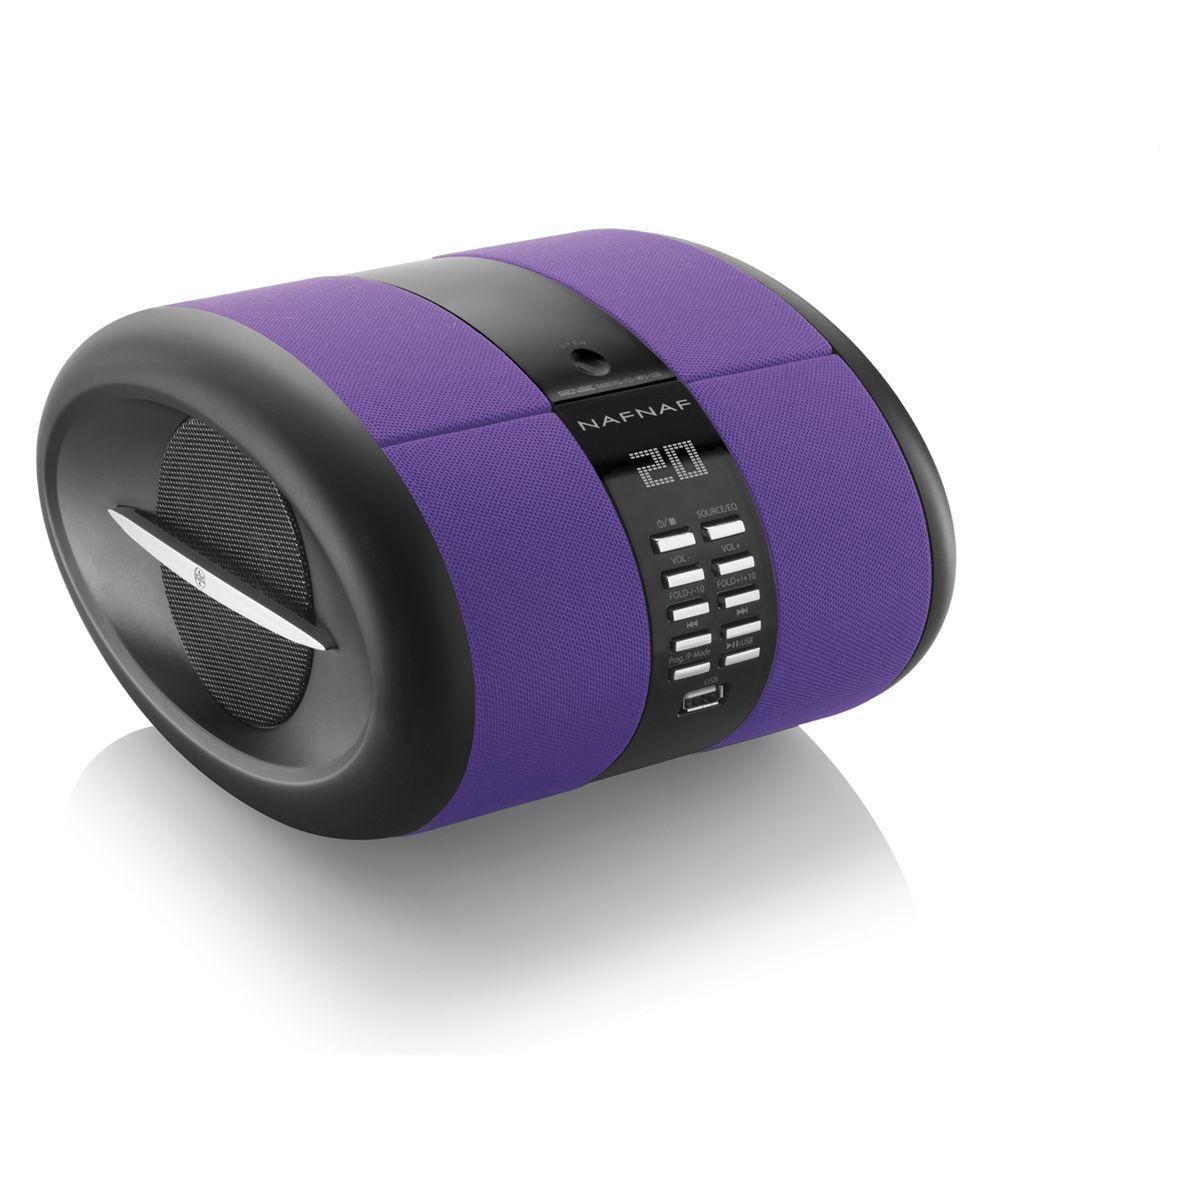 Radio cd nafnaf sense bt violet (photo)